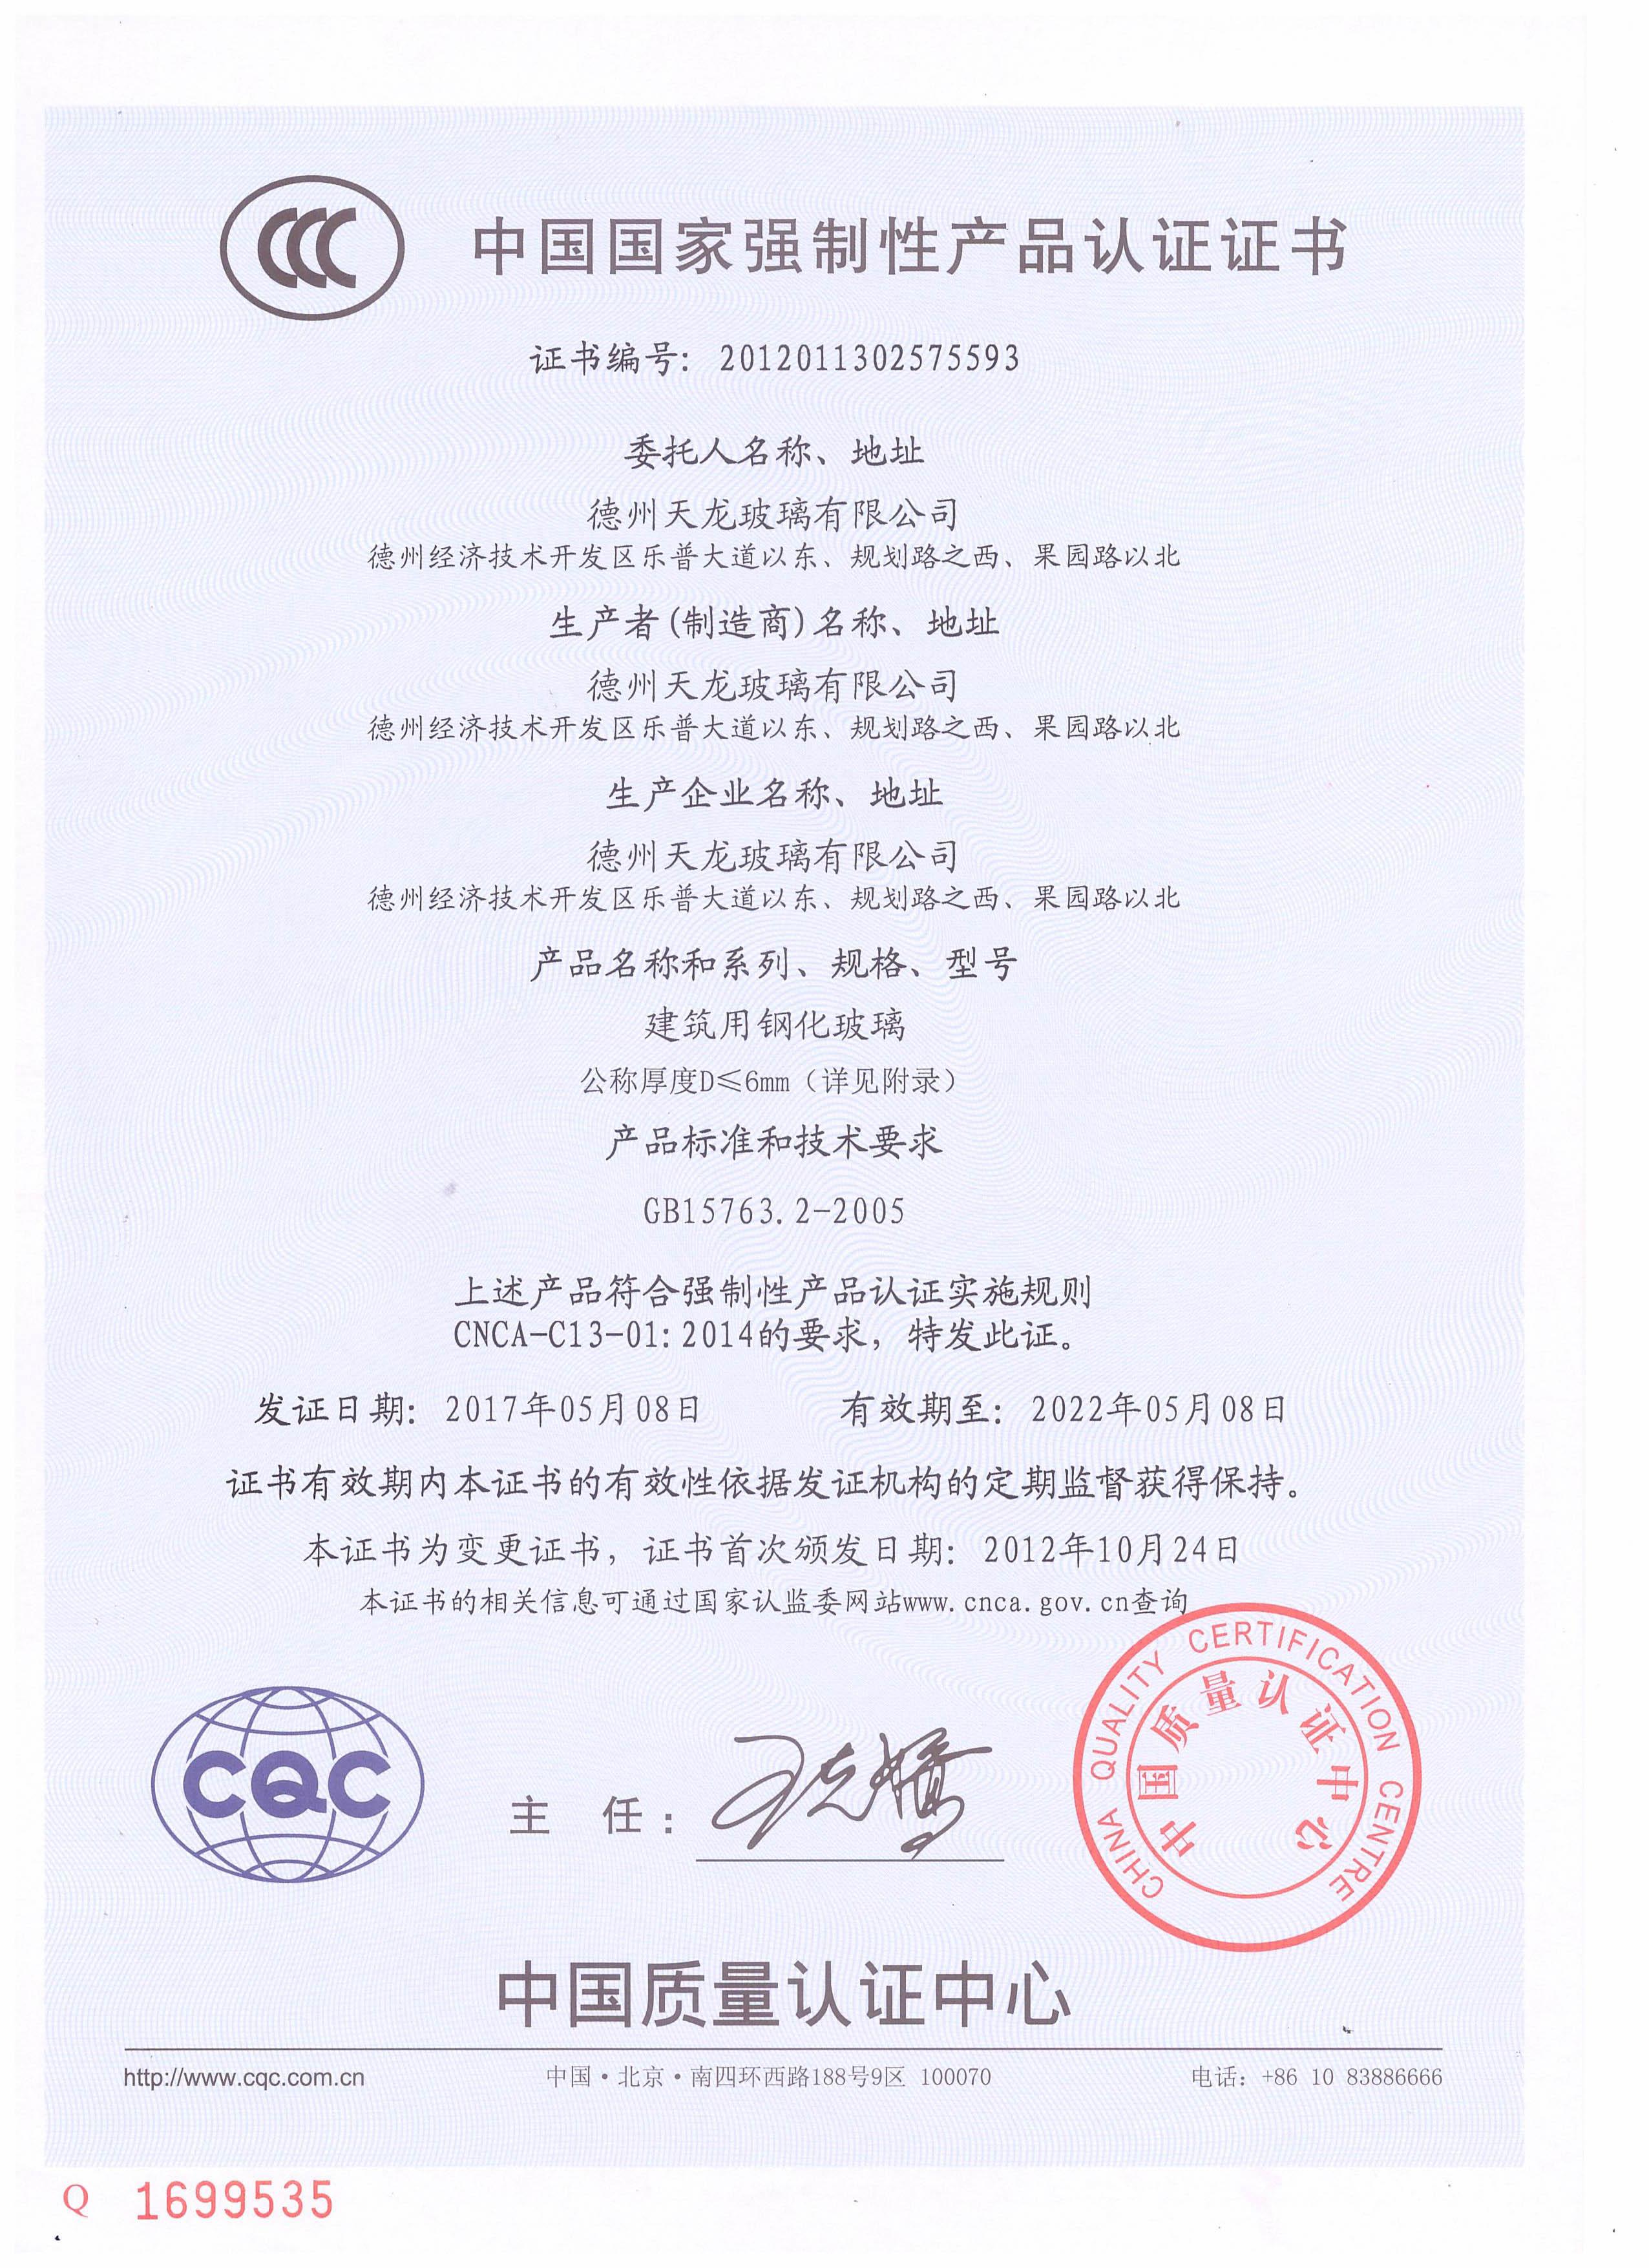 钢化玻璃产品认证证书